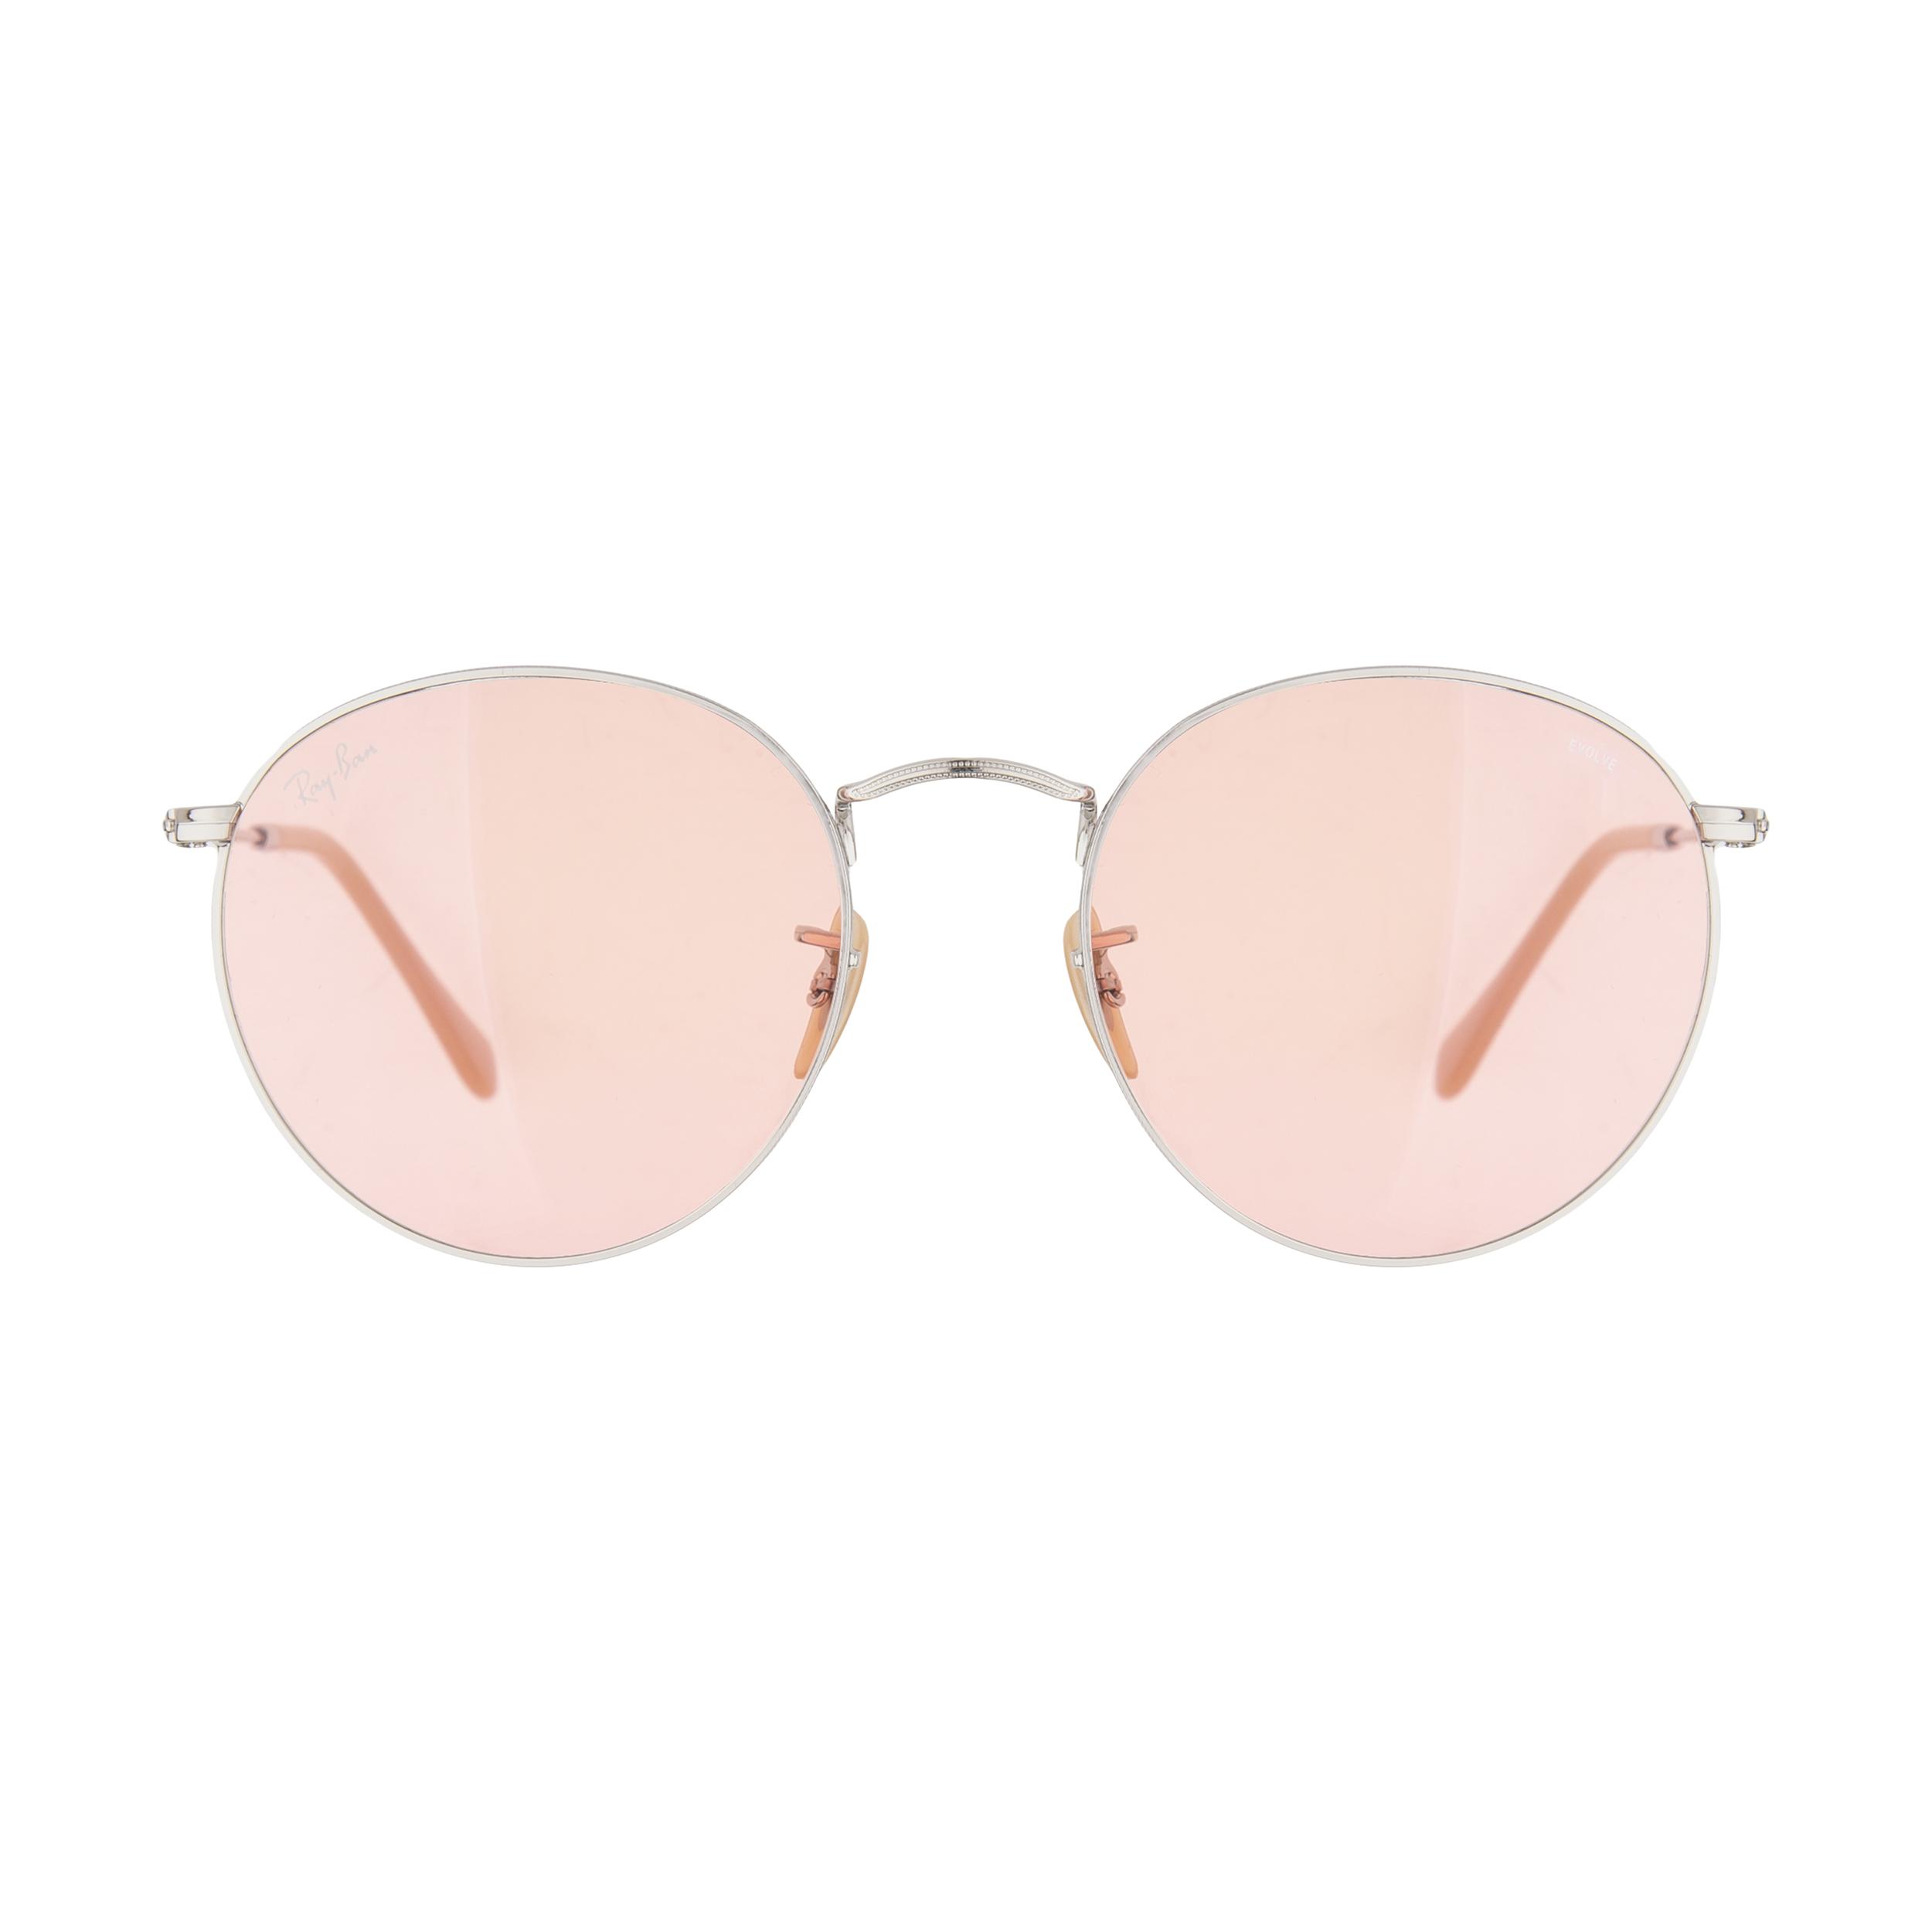 عینک آفتابی ری بن مدل RB3447S 9065V7 53